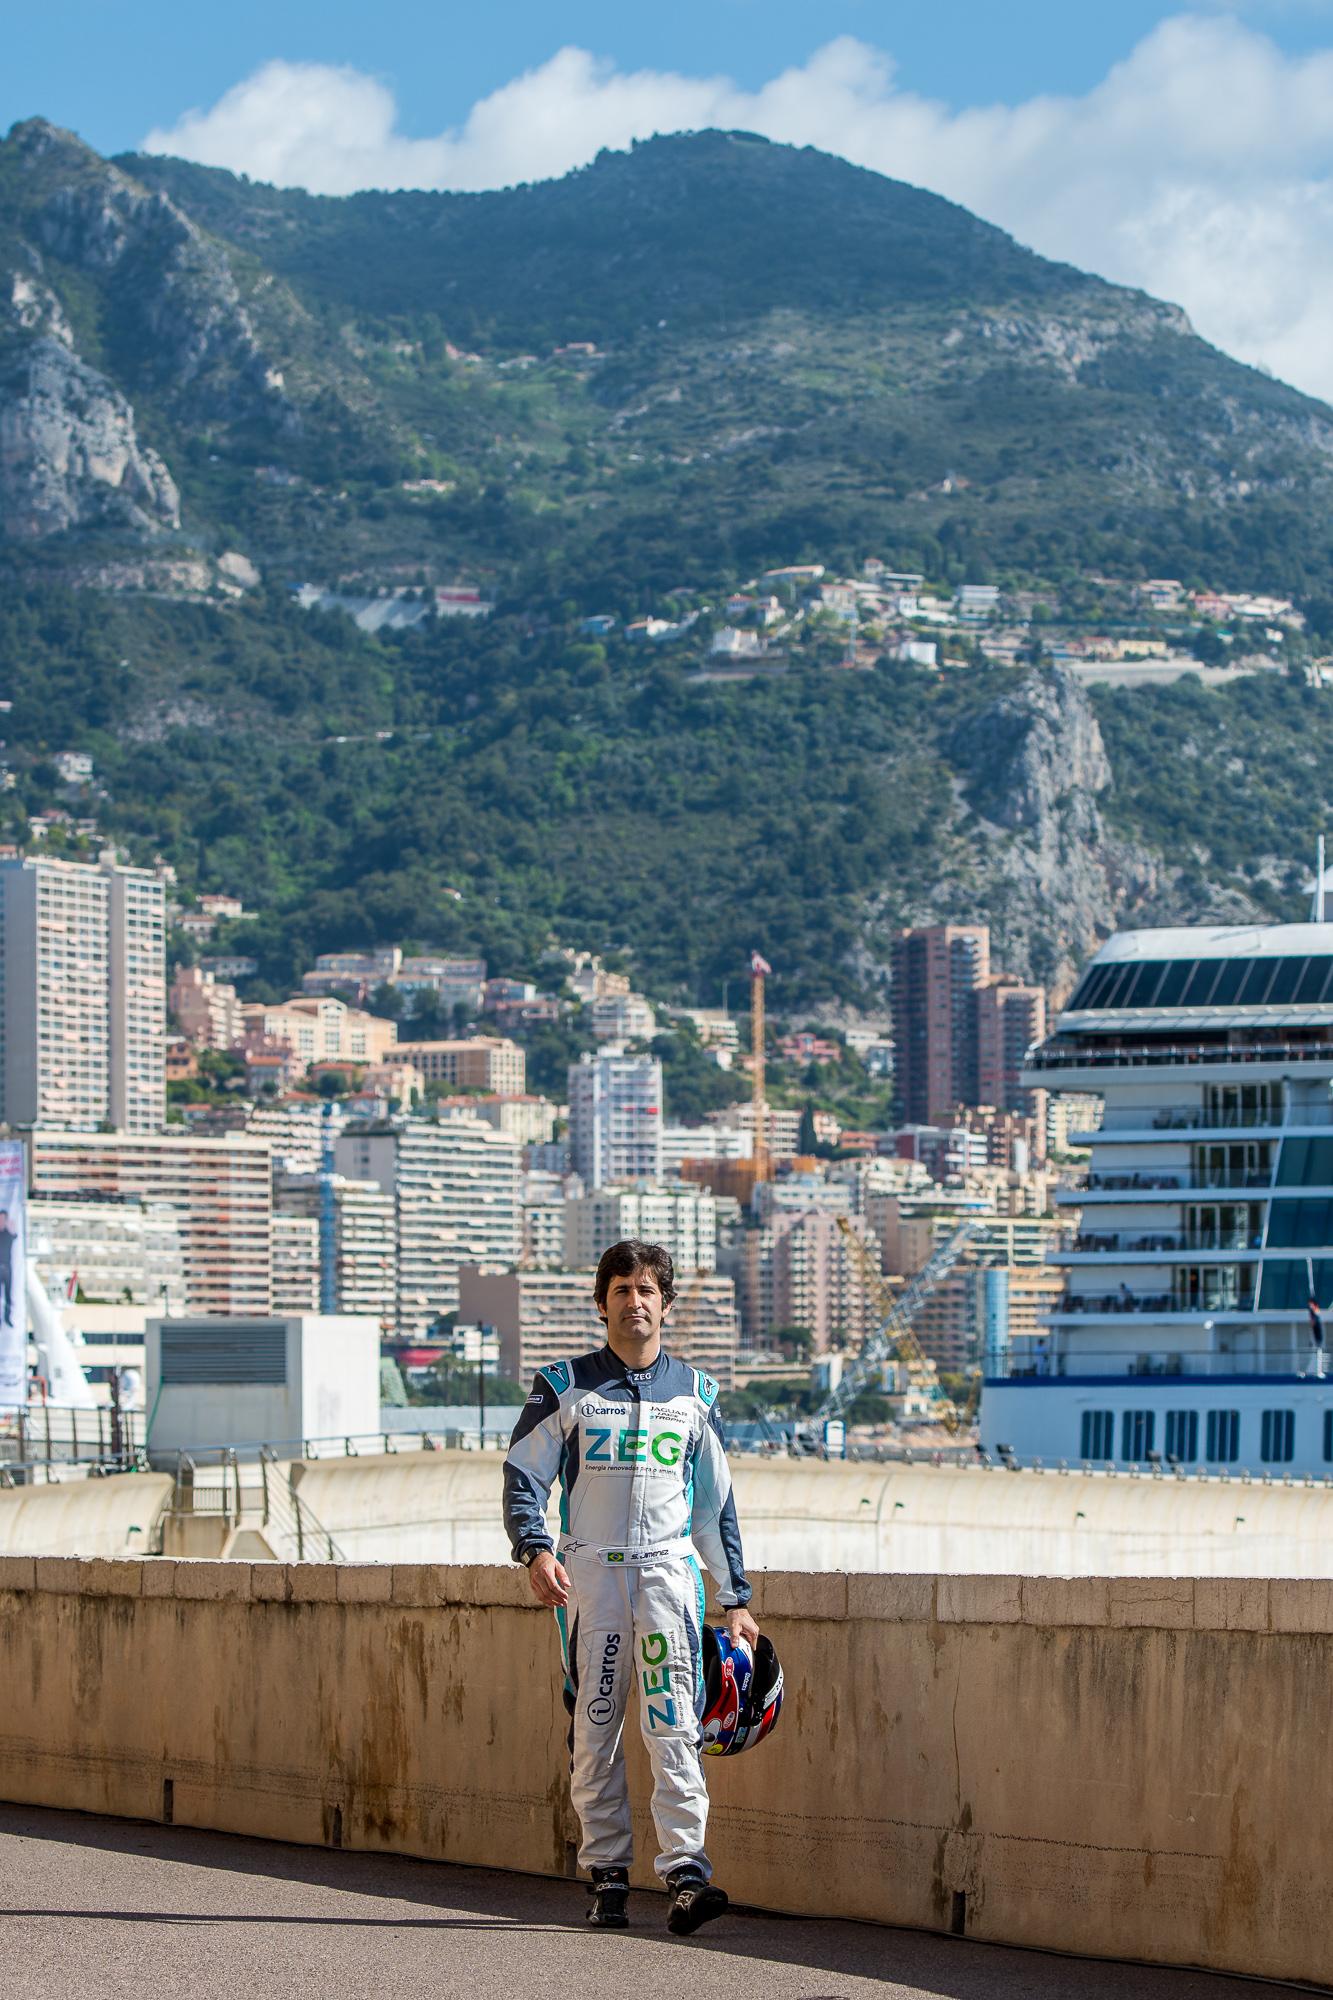 Jaguar_7.Monaco_josemariodias_01043